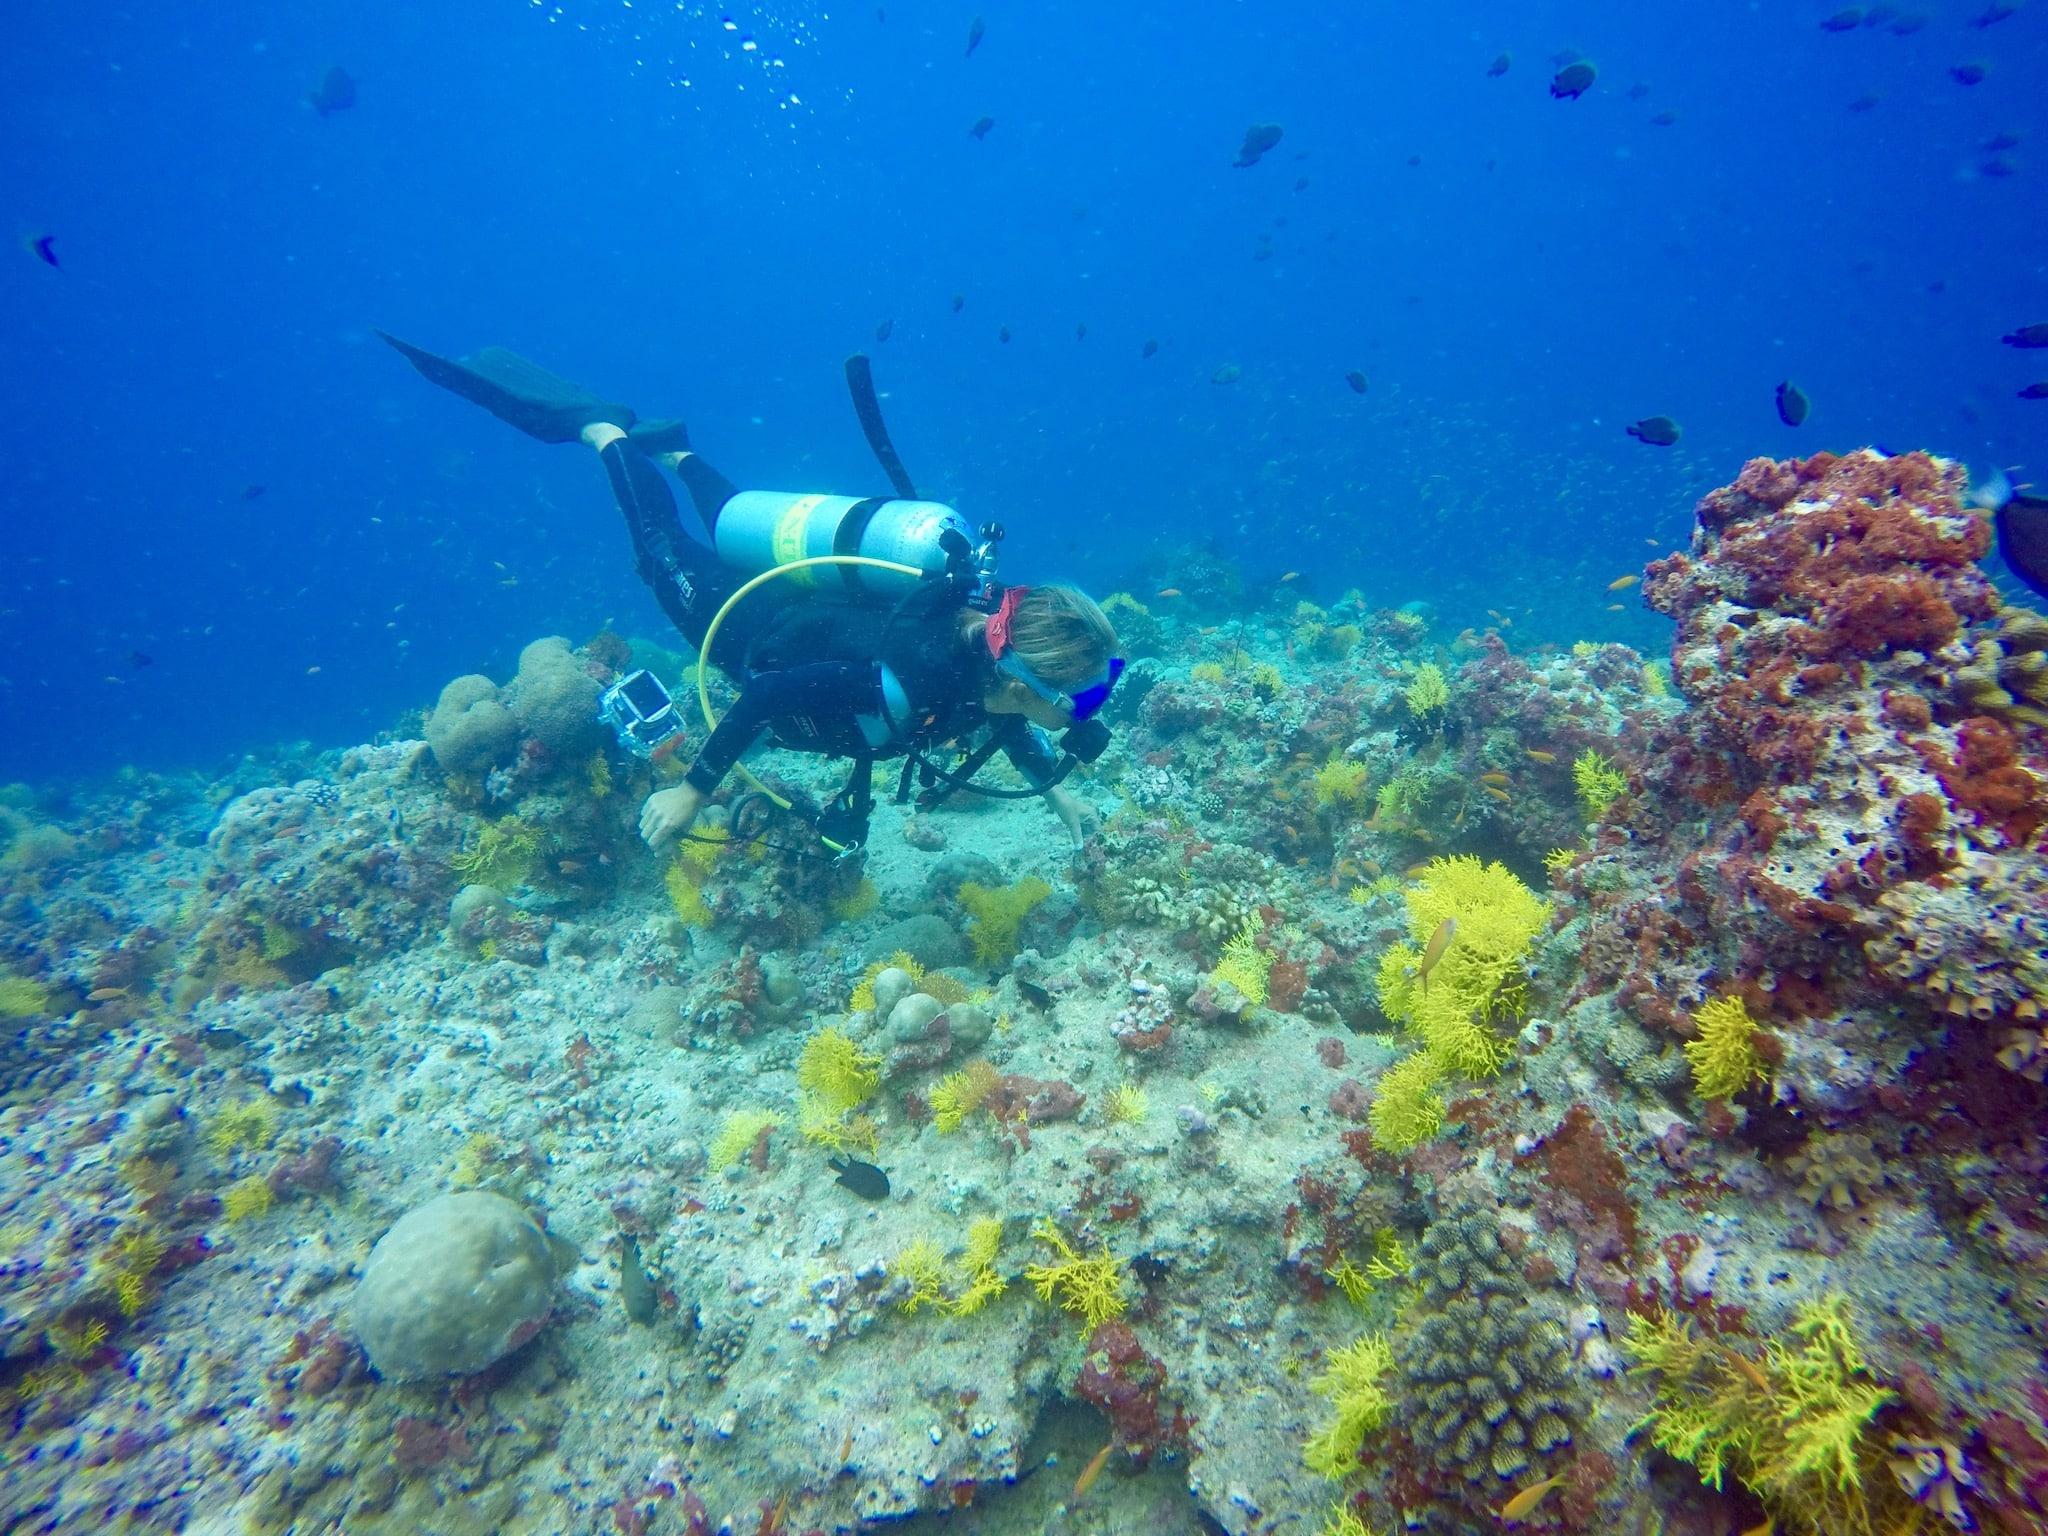 Tauchen auf den Malediven: unter Wasser gibt es unglaublich viel zu entdecken. Foto: Sascha Tegtmeyer Reisebericht Malediven Tipps